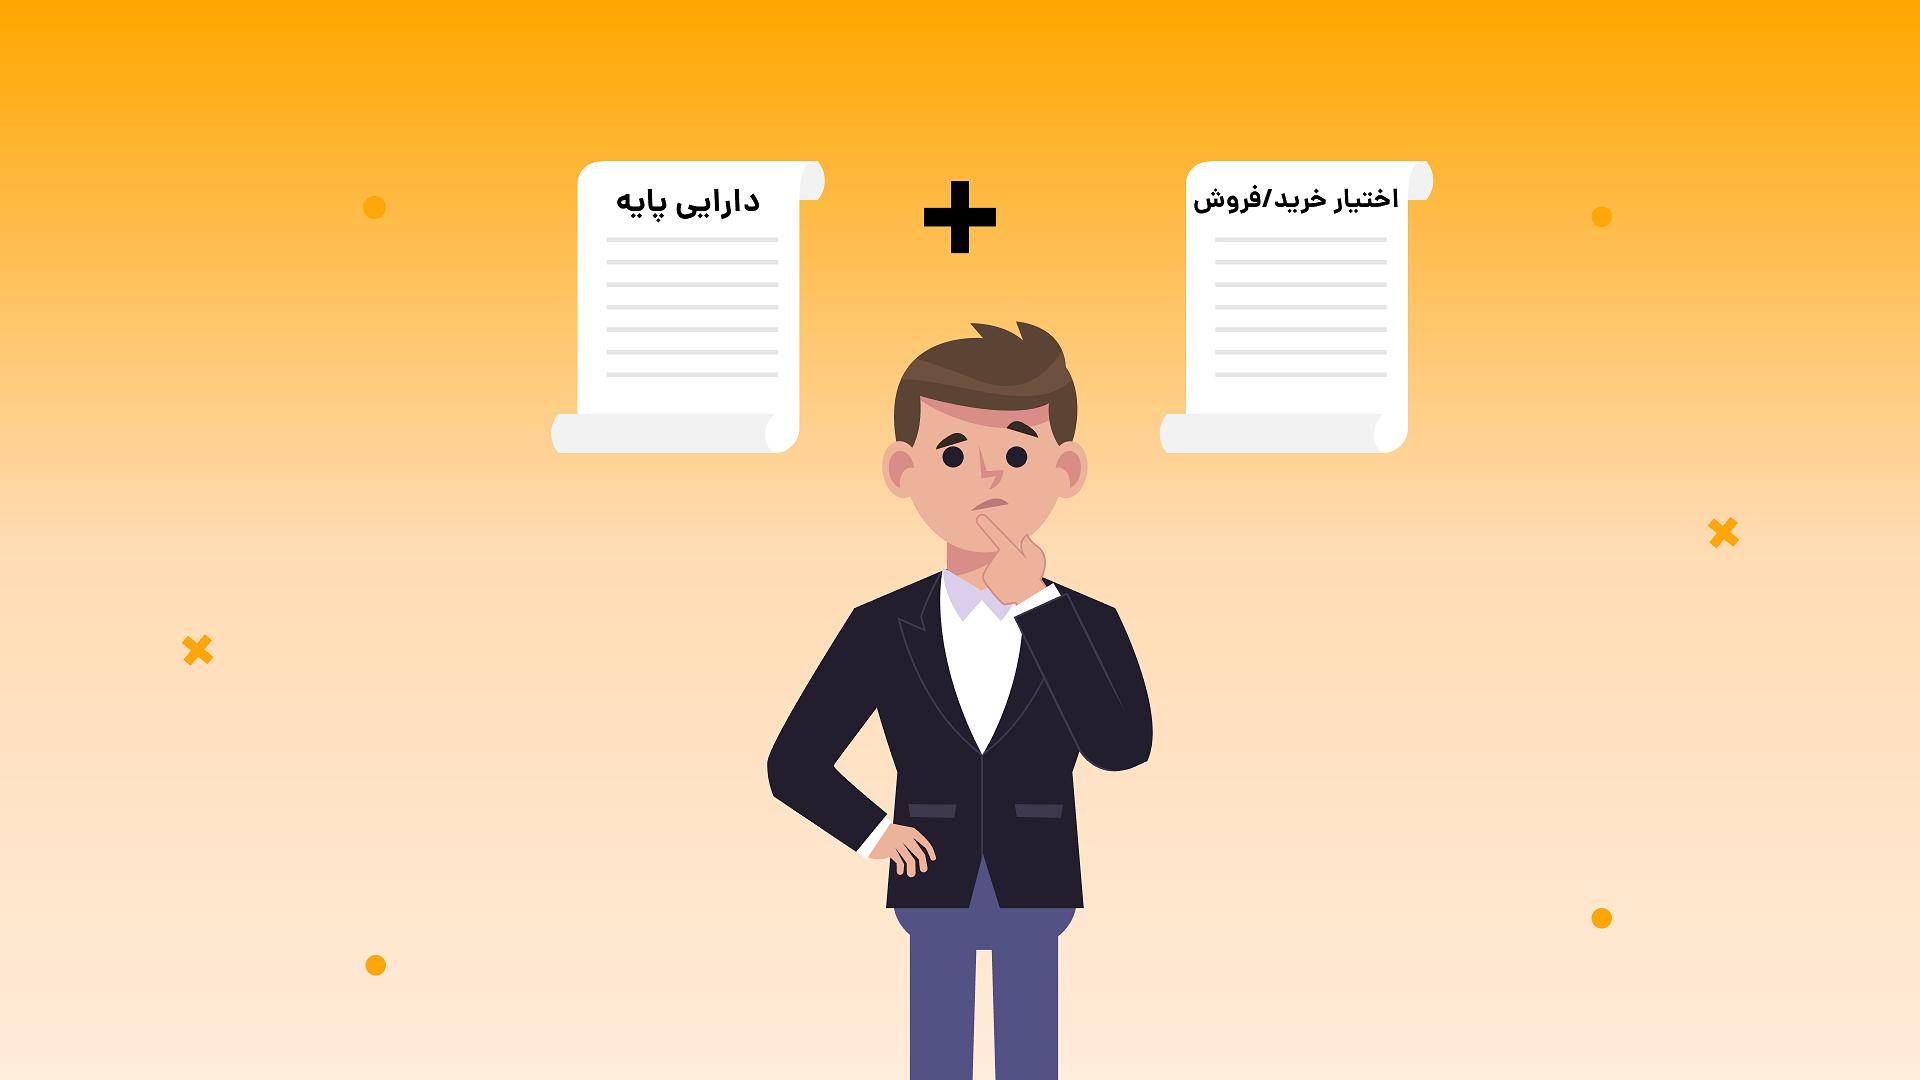 بیمه سهم (قرارداد اختیار فروش تبعی)